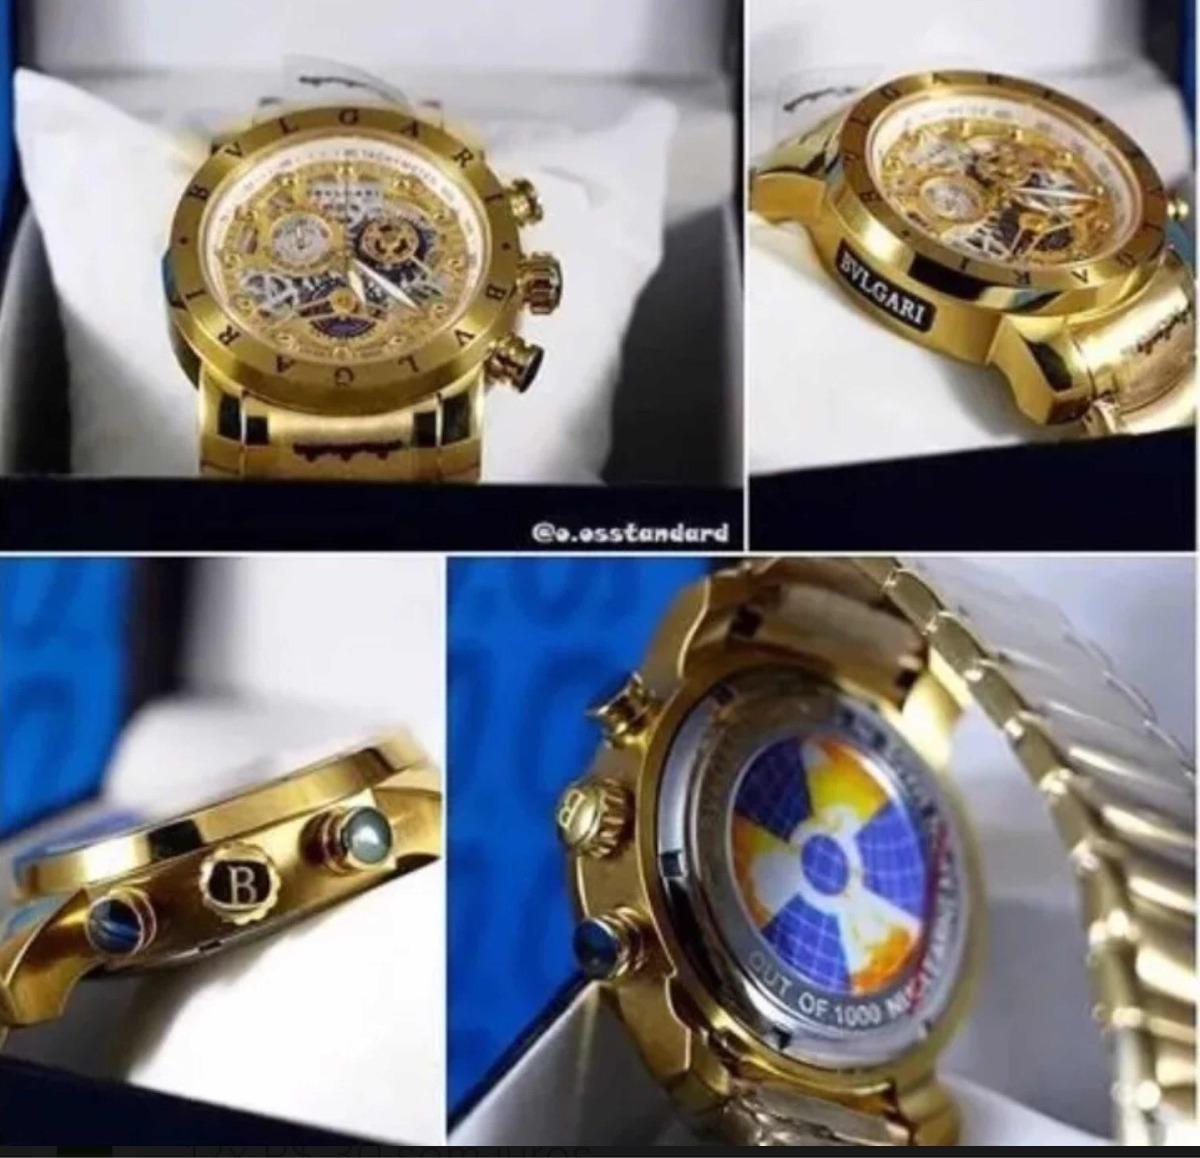 e5679ec9e43 relógio bvlgari subaqua skeleton dourado prata liquidação!!! Carregando  zoom.